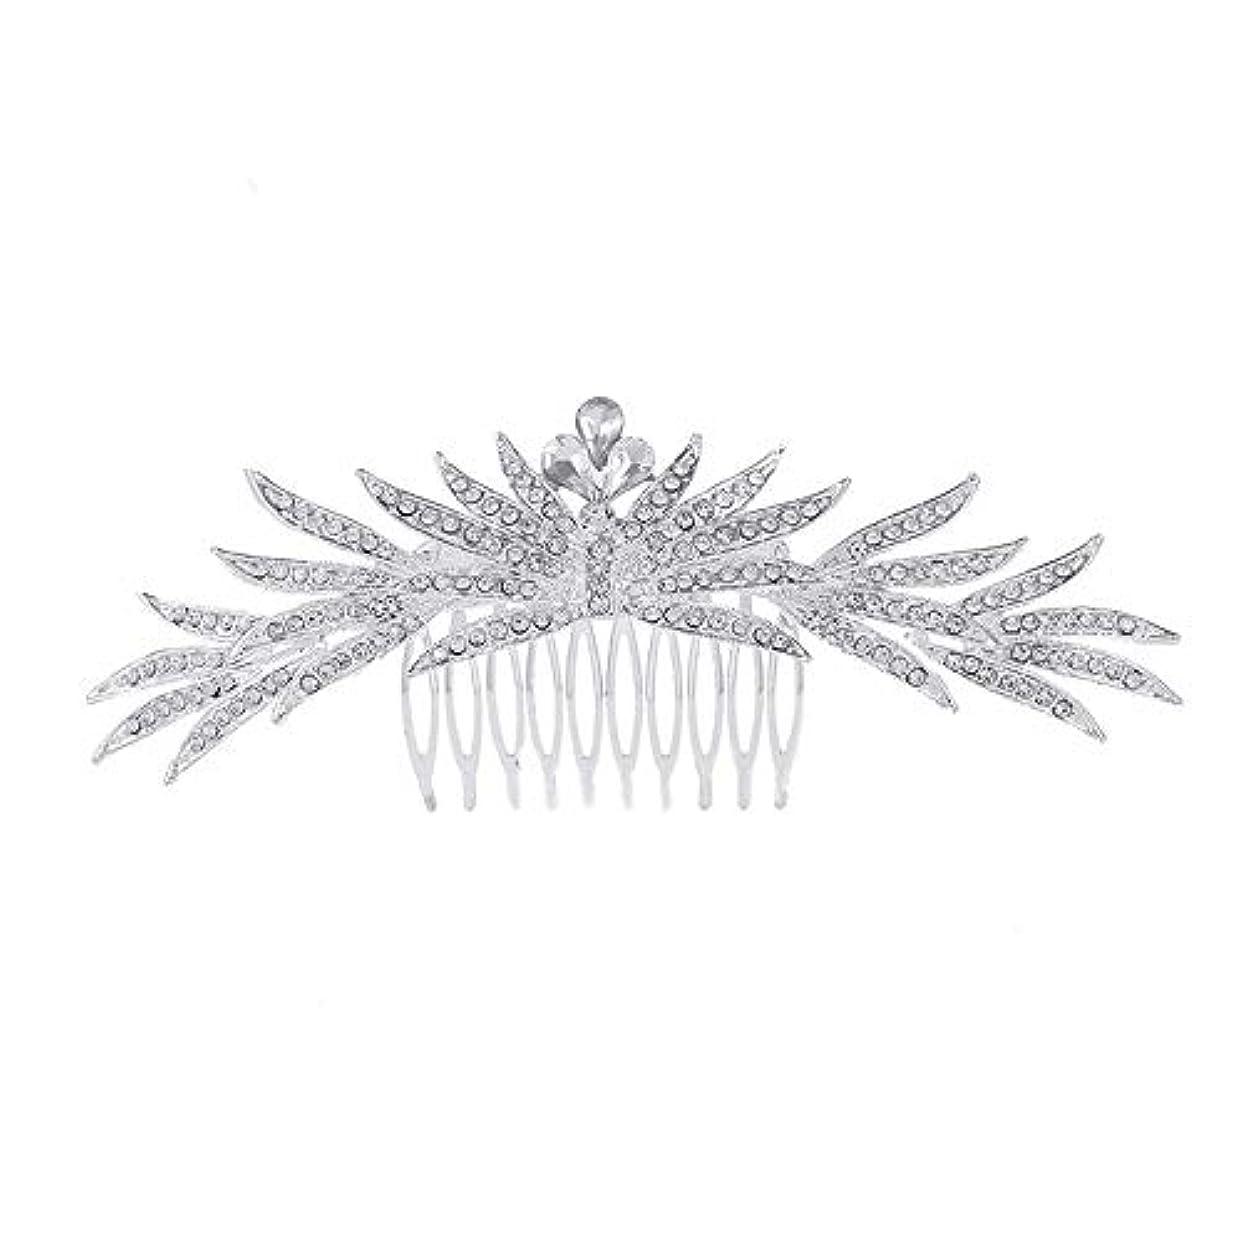 自殺市場散る髪の櫛の櫛の櫛花嫁の髪の櫛ラインストーンの櫛亜鉛合金ブライダルヘッドドレス結婚式のアクセサリー挿入櫛